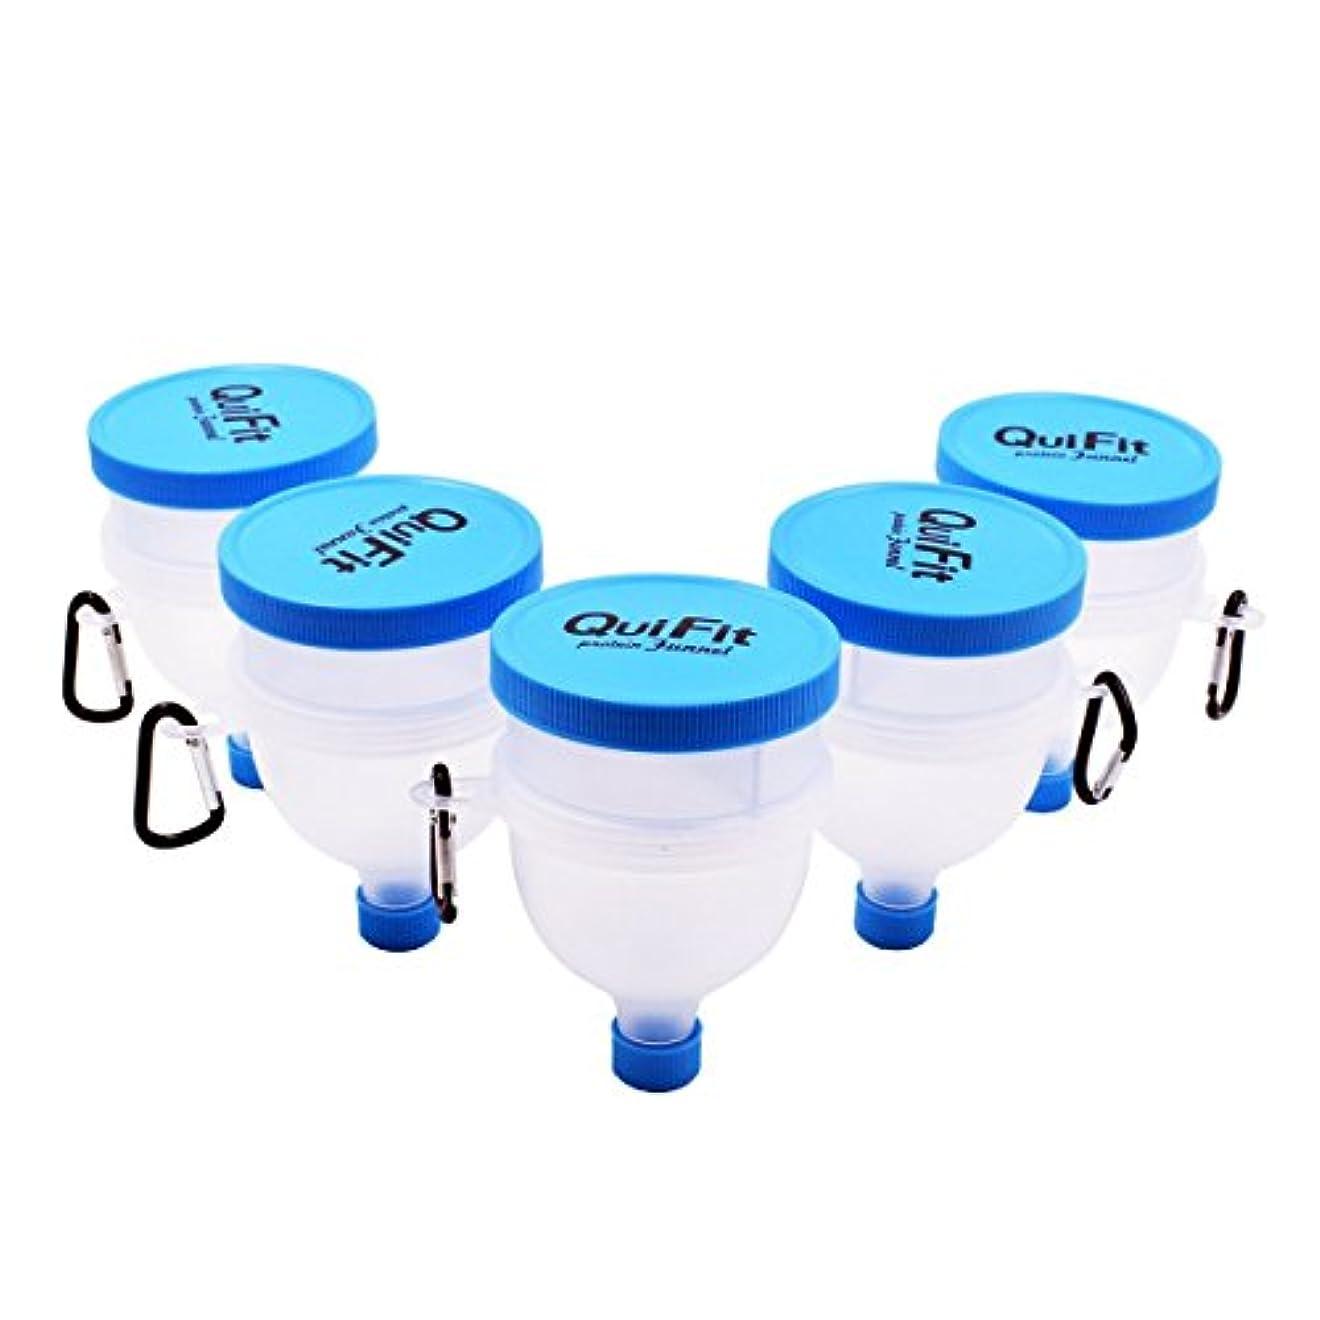 入浴拡散する葉を拾うプロテインサプリメント携帯容器-QuiFit ファンネル 粉末サプリメント小分け携帯用漏斗-スカイブルー-BPAフリー (5)